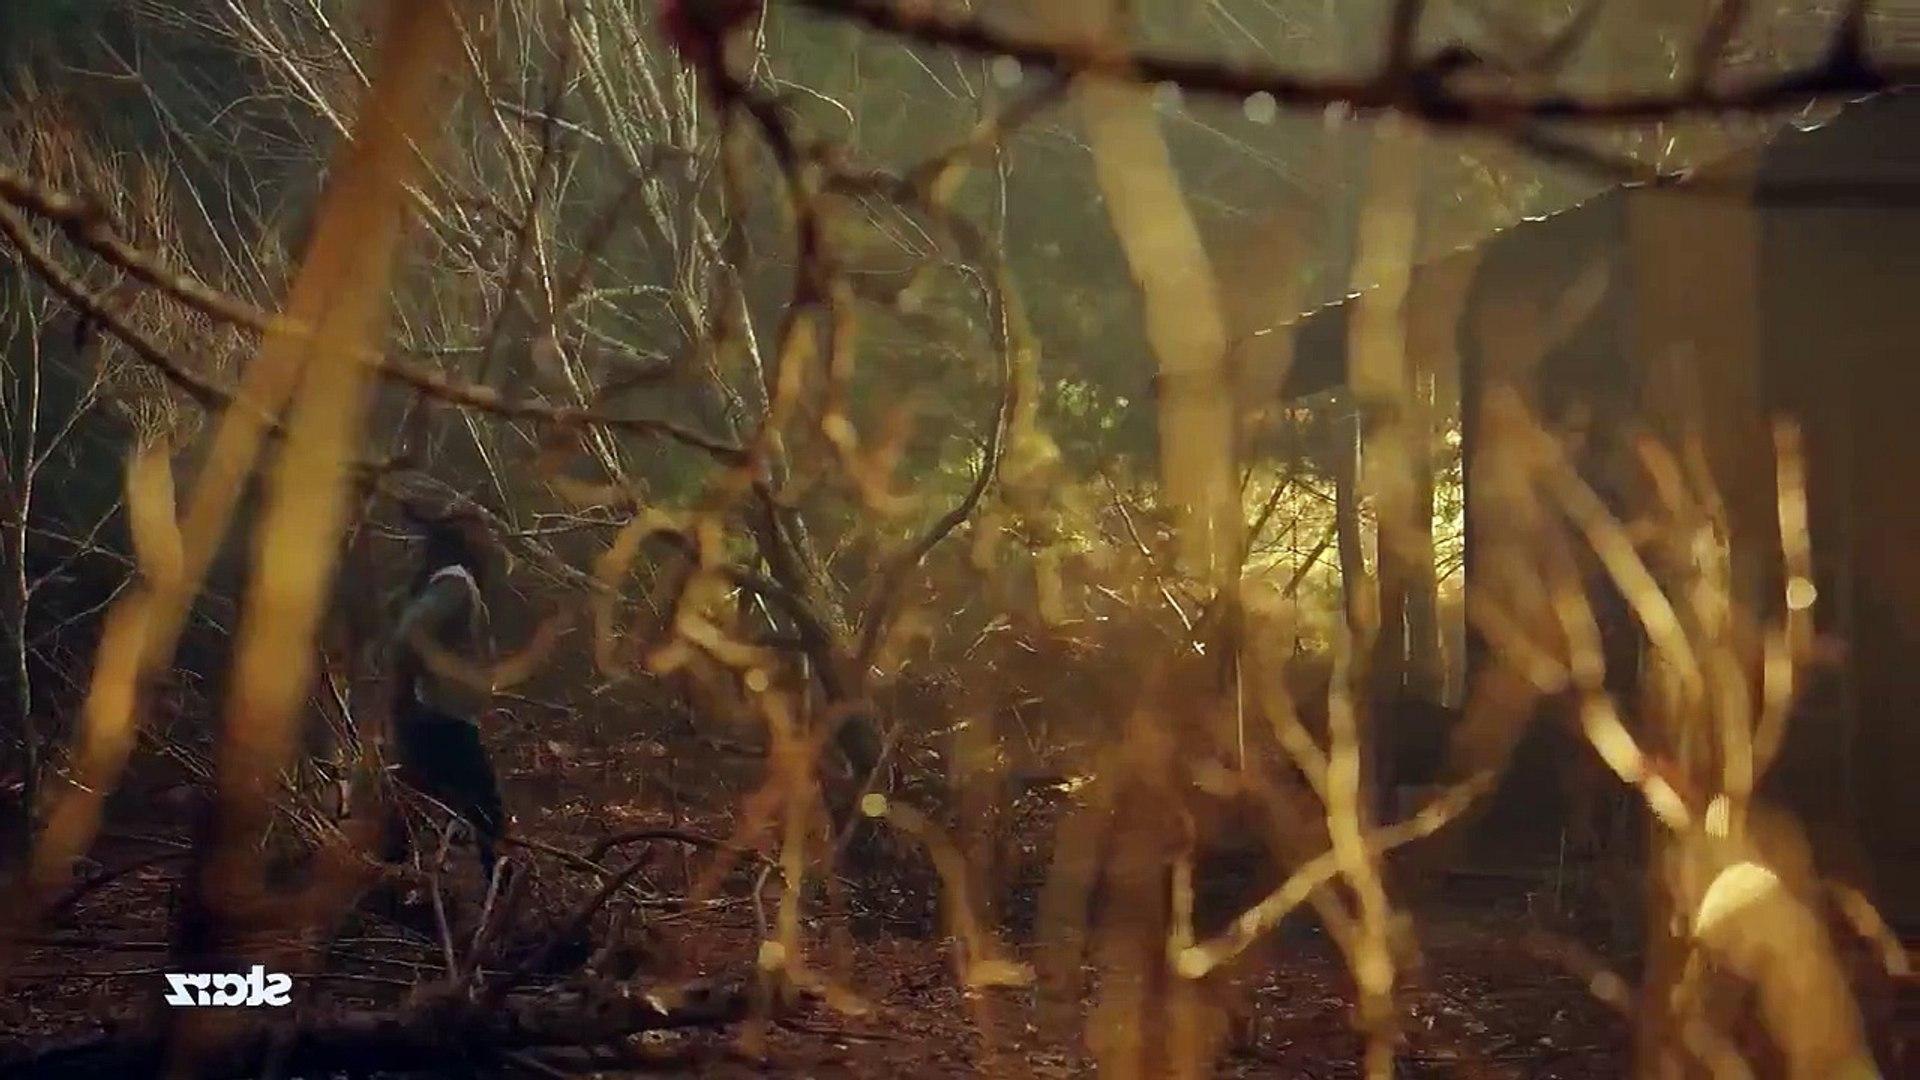 Ash vs Evil de.ad S01E08 - Ashes to Ashes